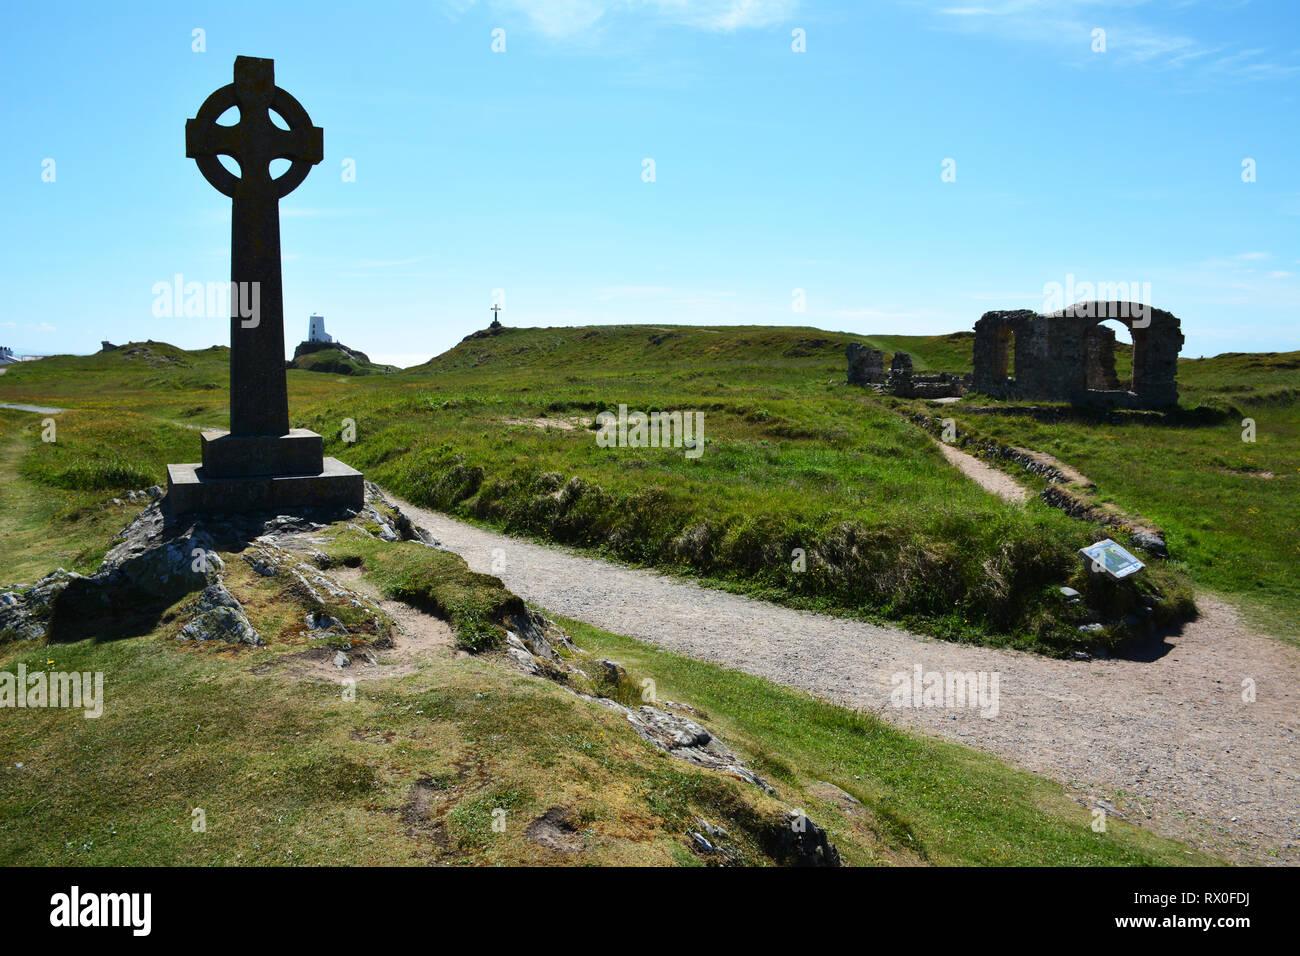 Las cruces, la iglesia y el faro en la isla Llanddwyn frente a la costa de Anglesey Foto de stock